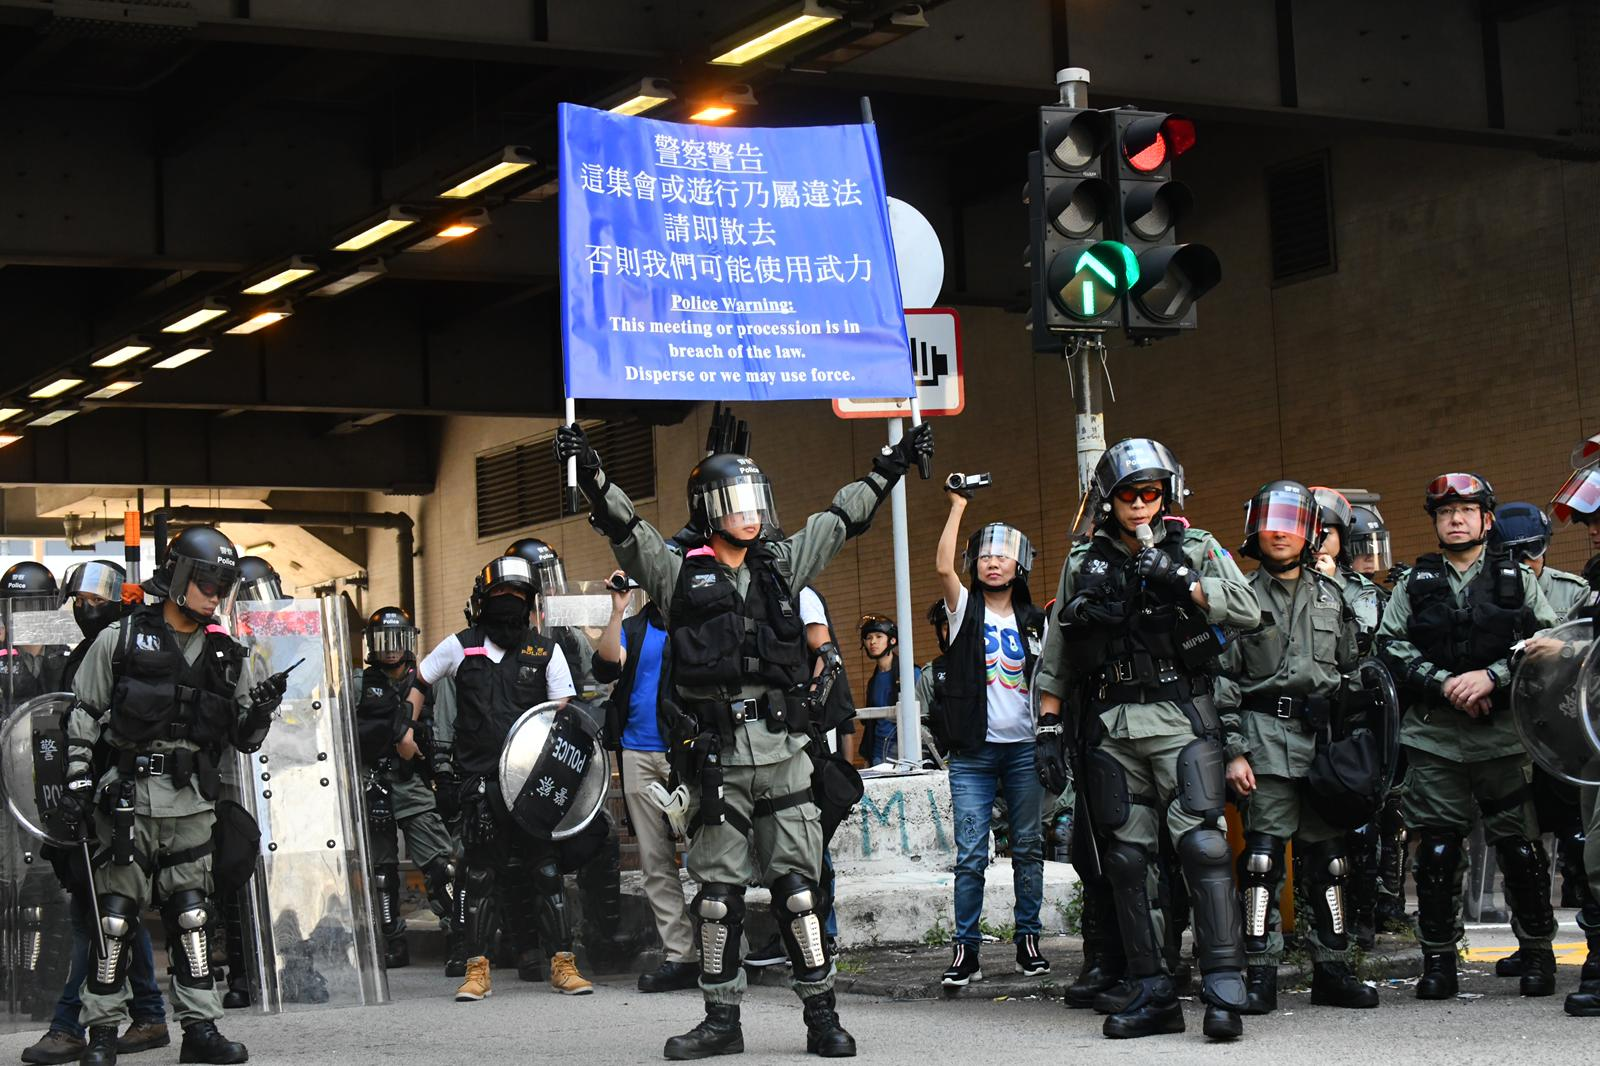 西鐵站外防暴警察舉出藍旗警告